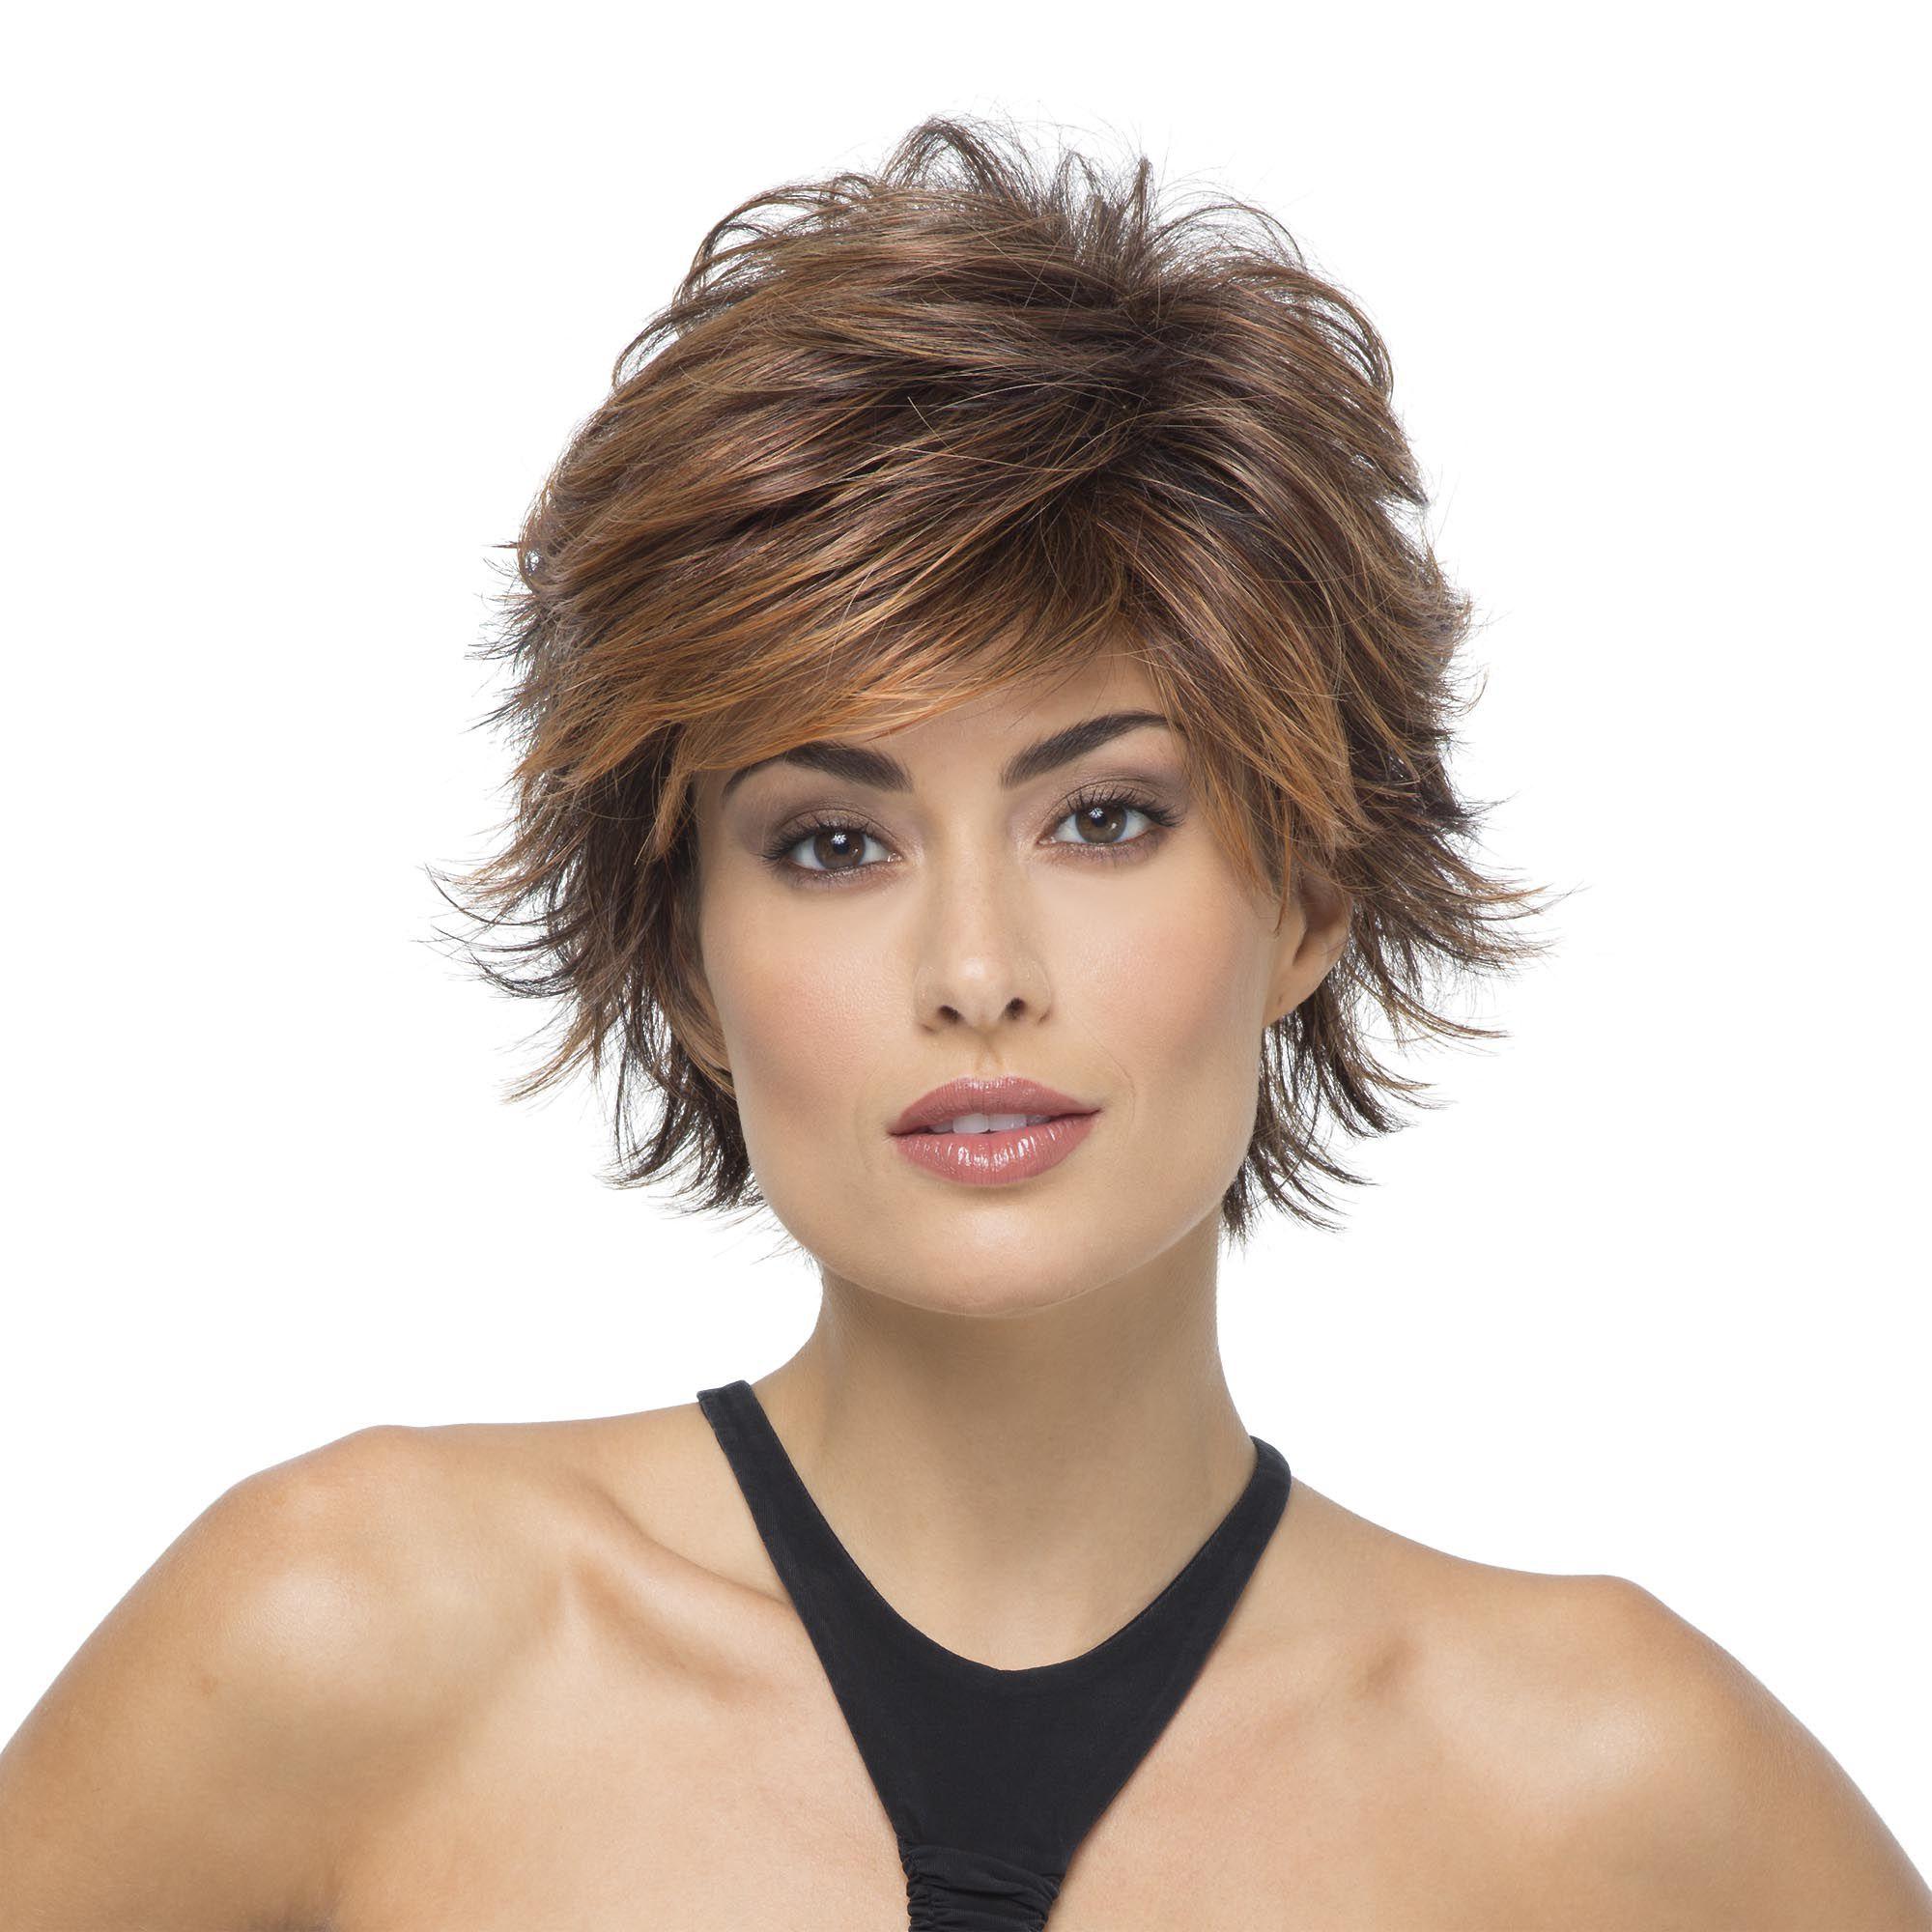 Hairdo Razor Cut parrucca modellabile taglio corto sfilato ...